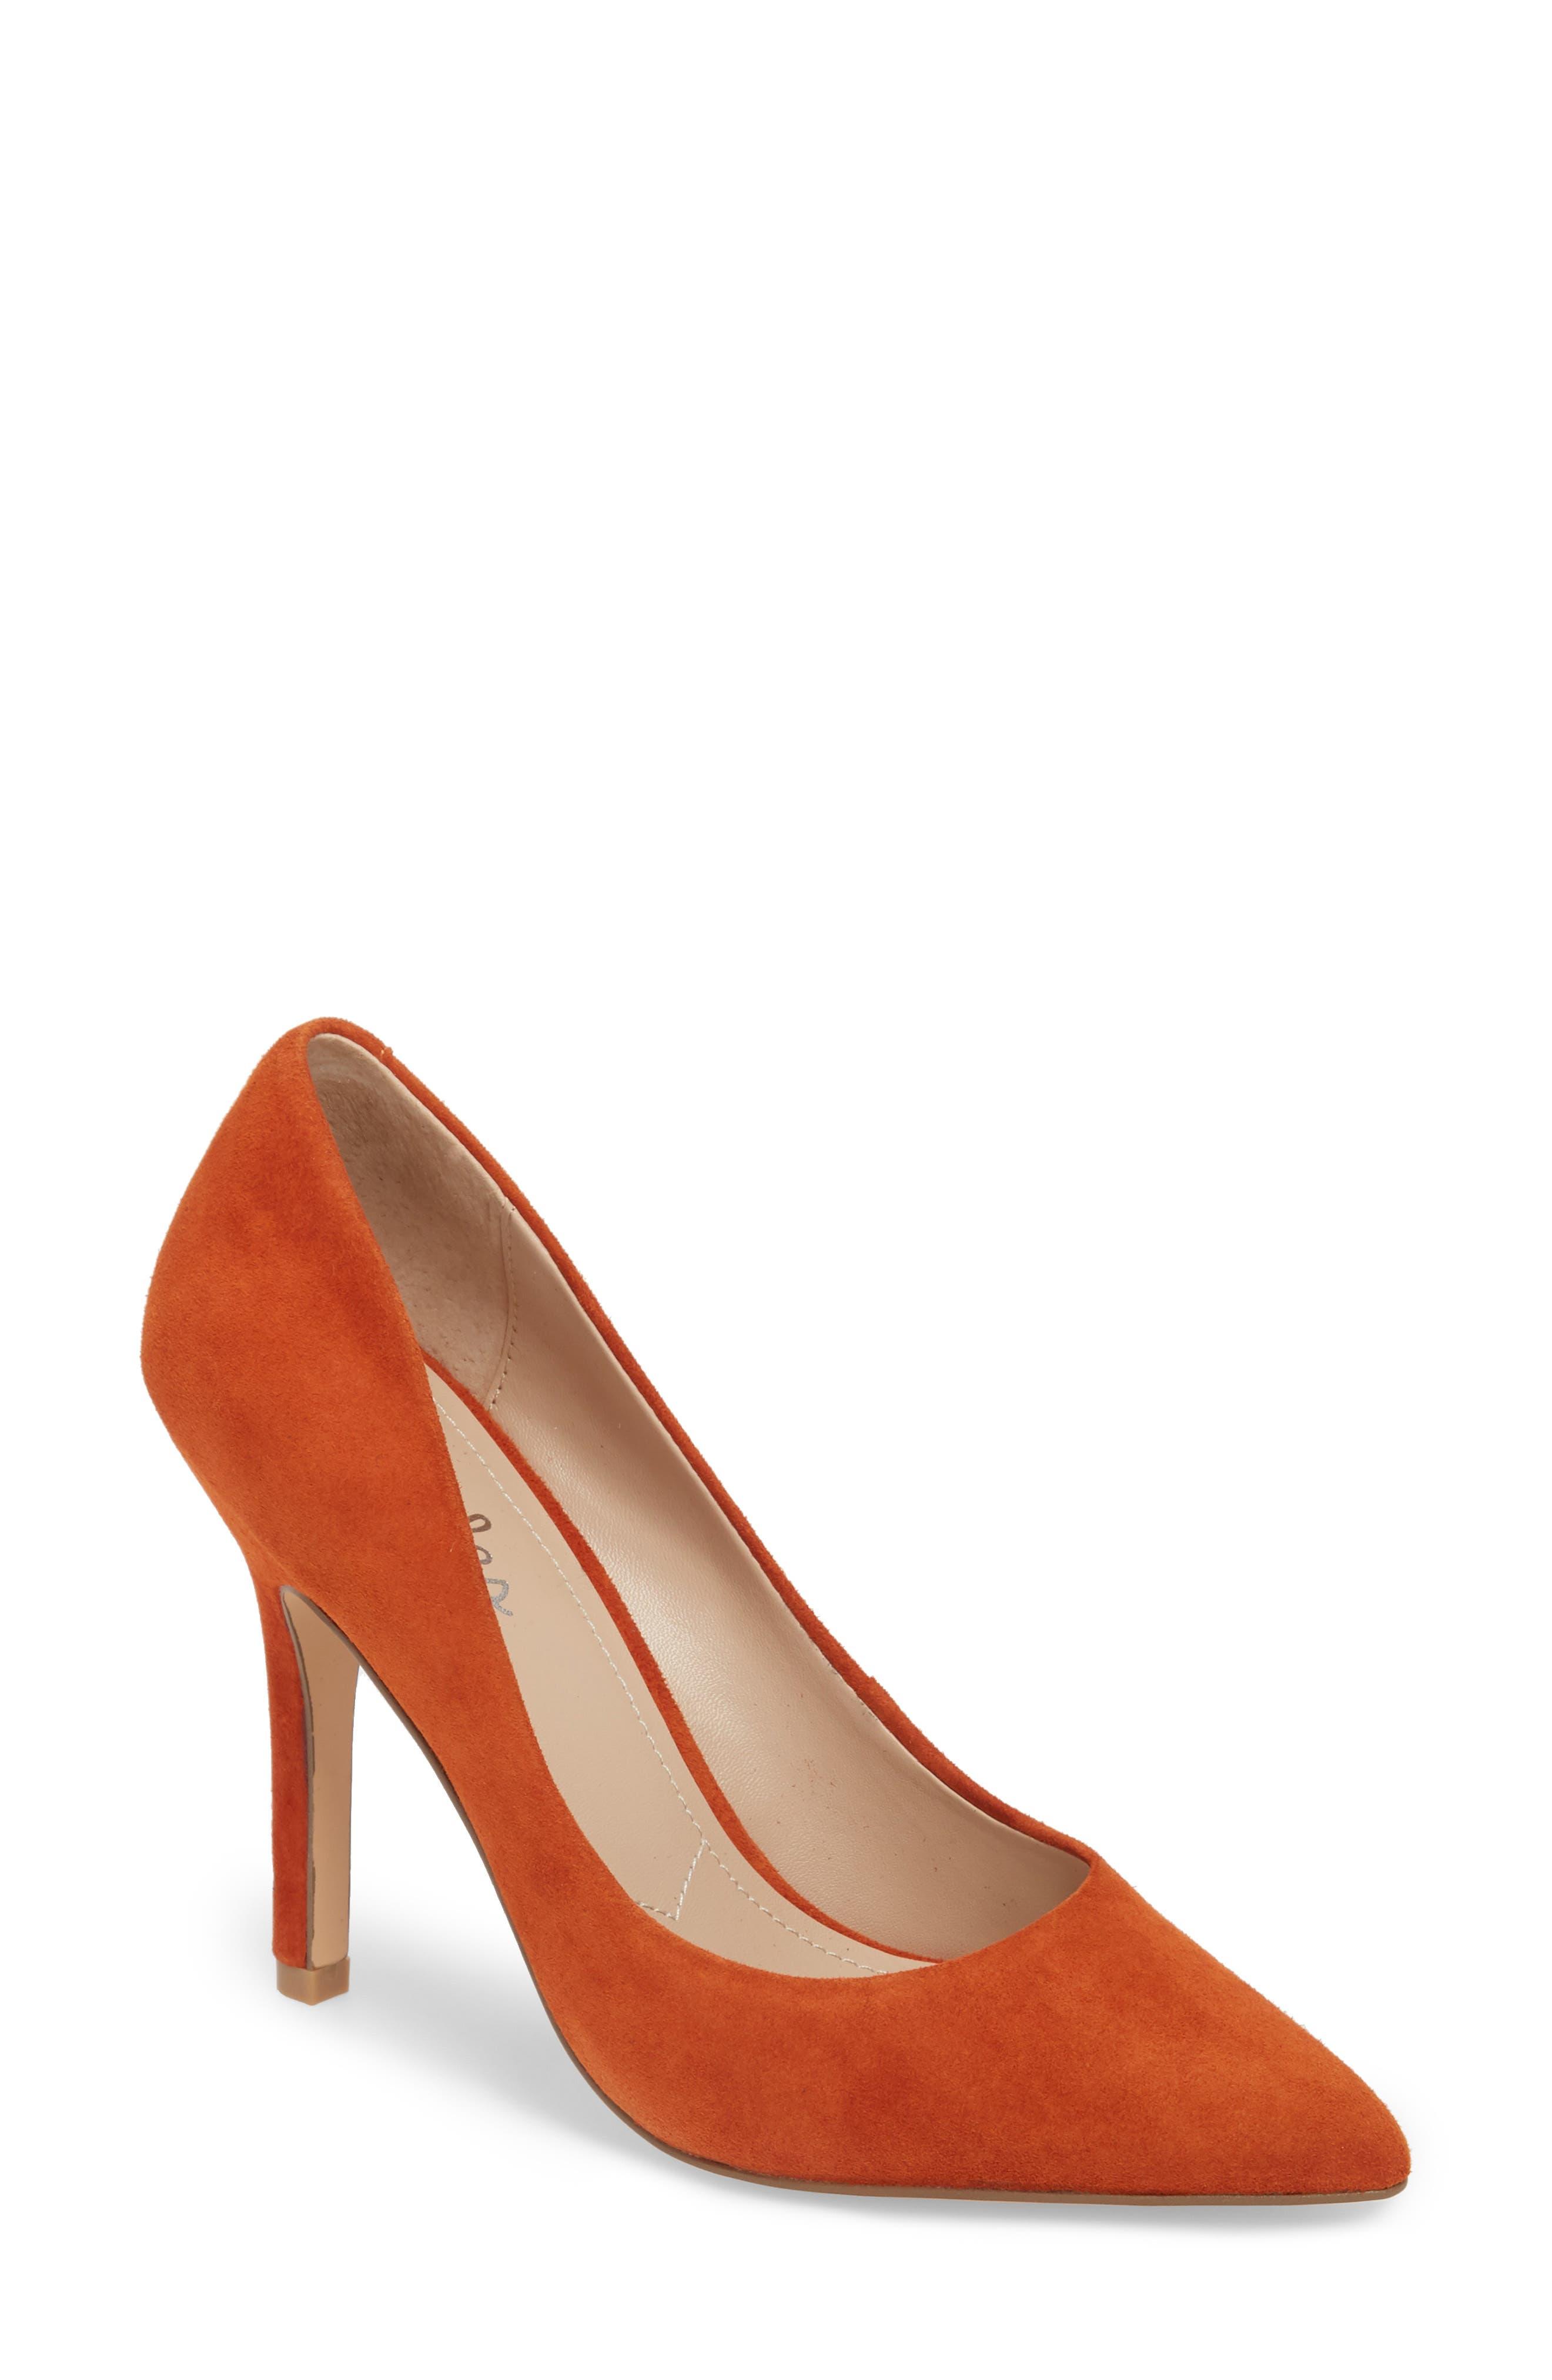 Maxx Pointy Toe Pump,                         Main,                         color, Orange Suede